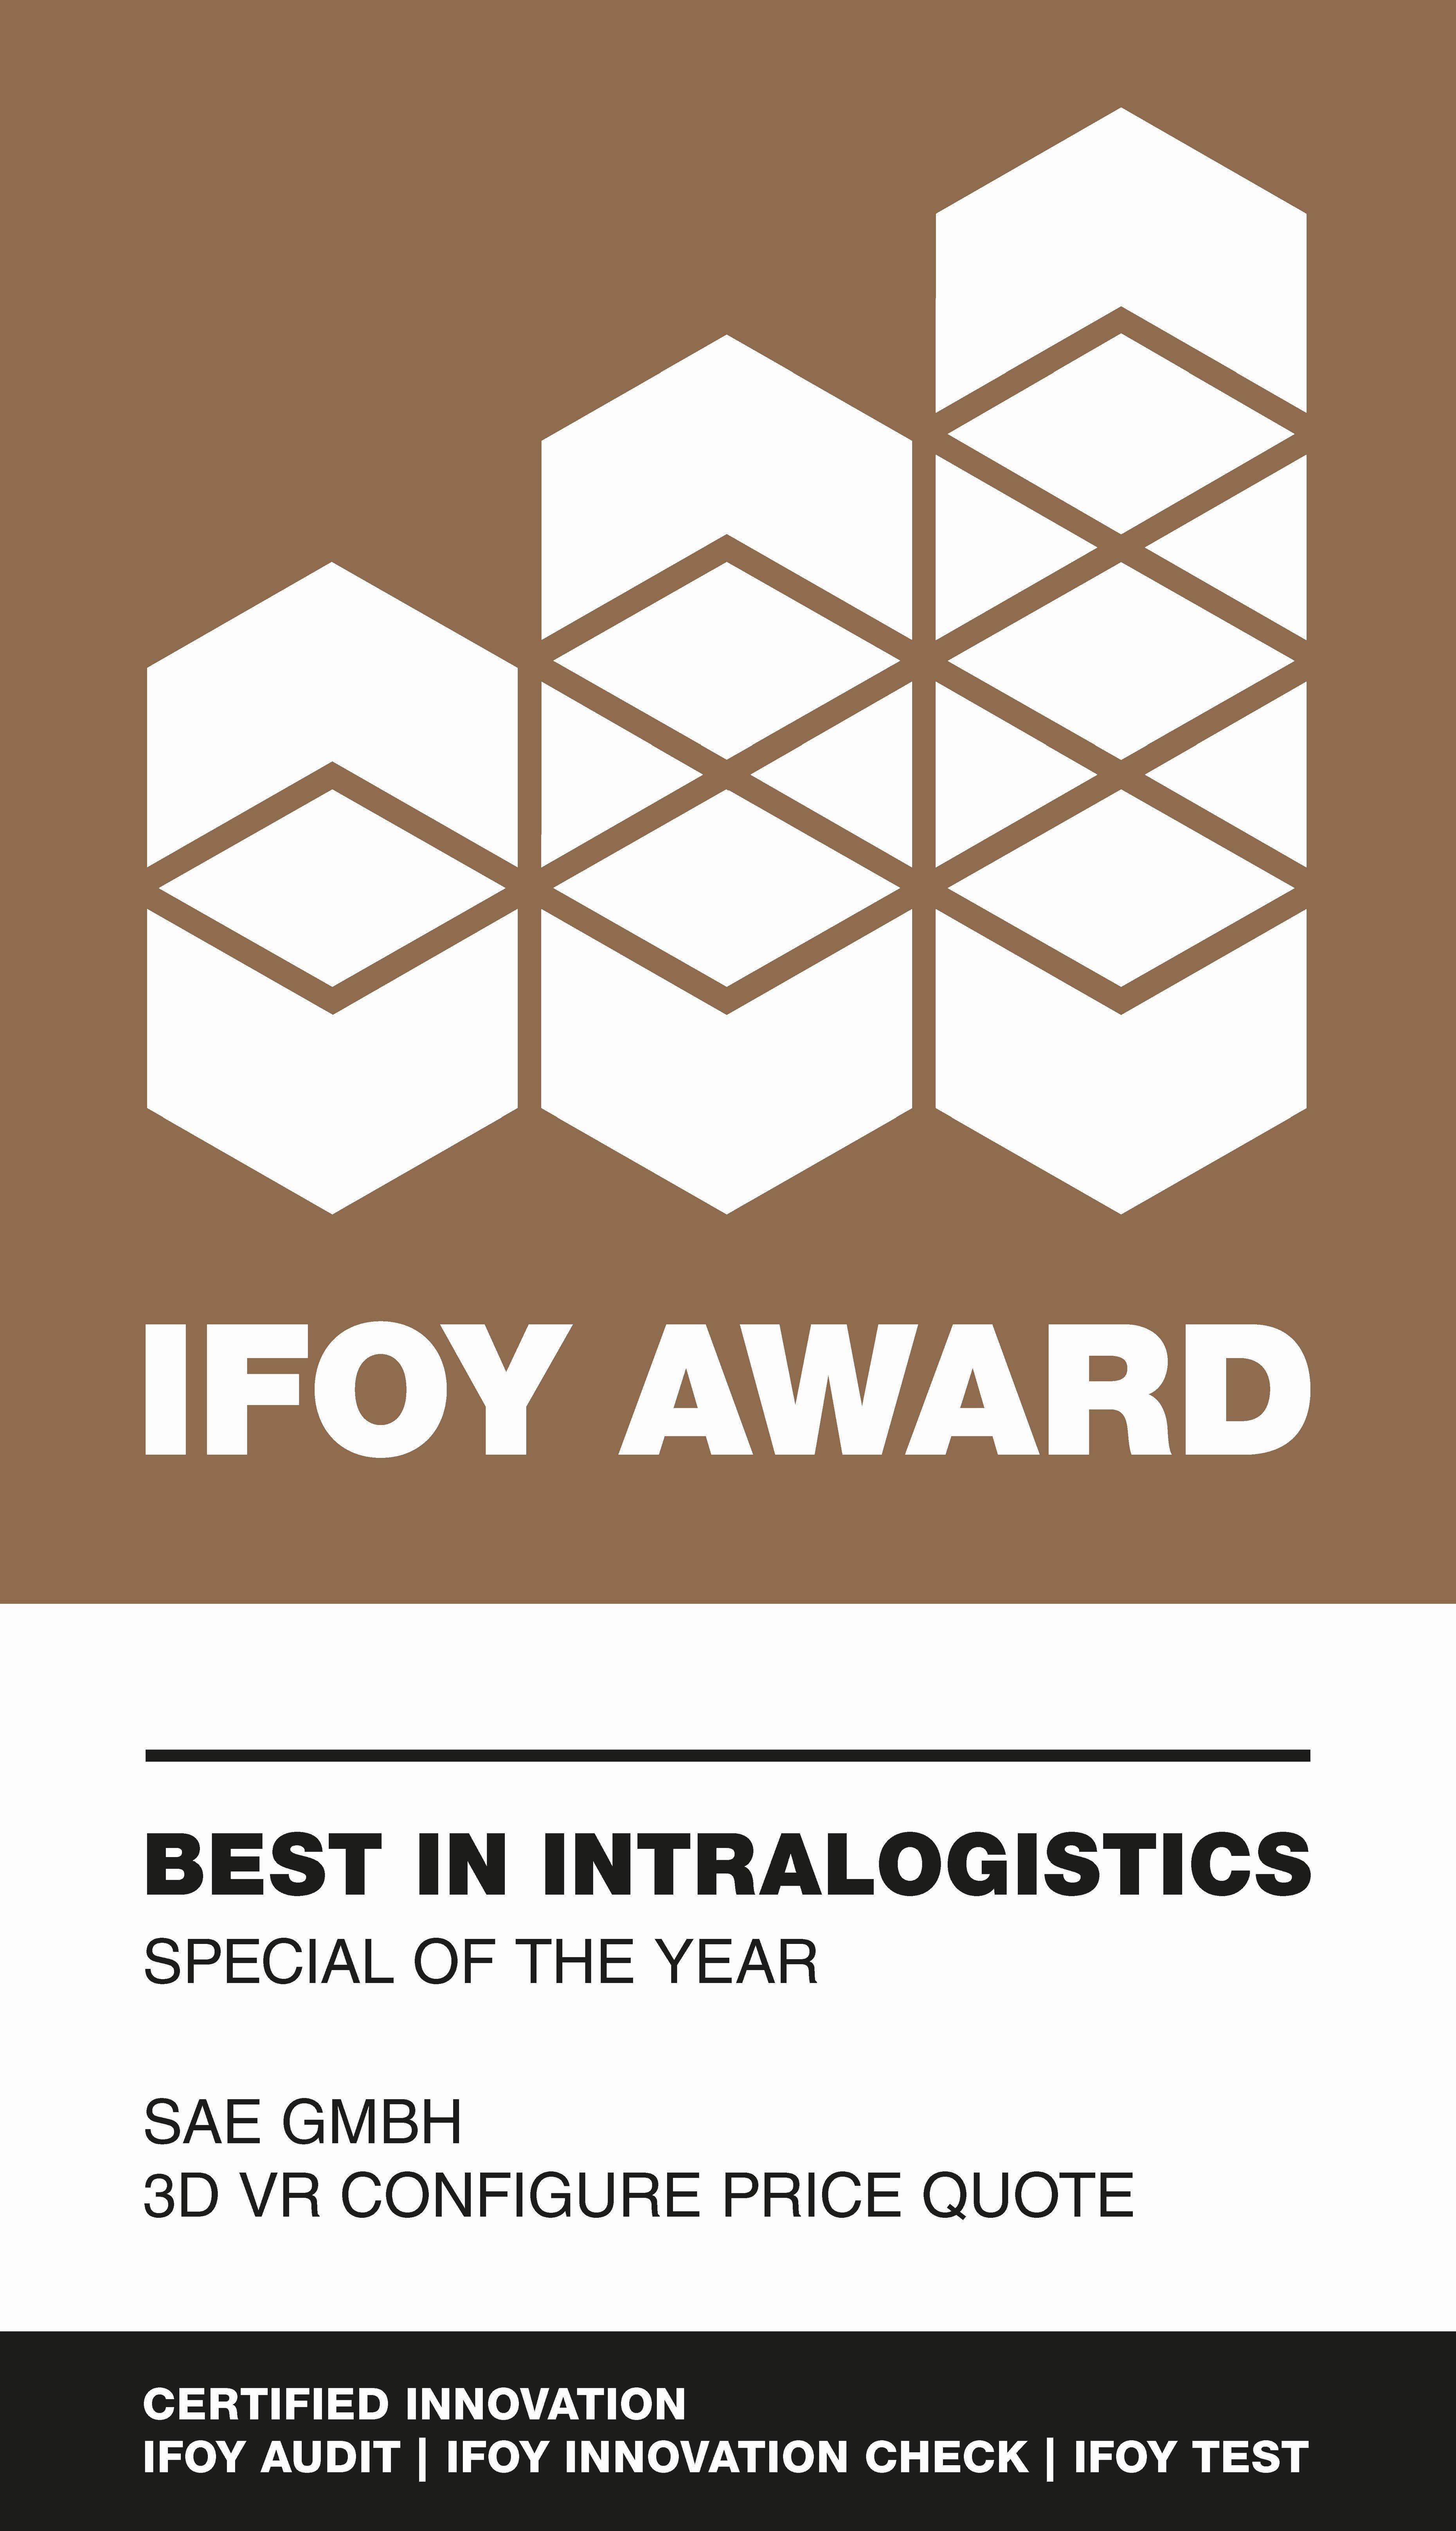 IFOY Award Best in Intralogistics Auszeichnung